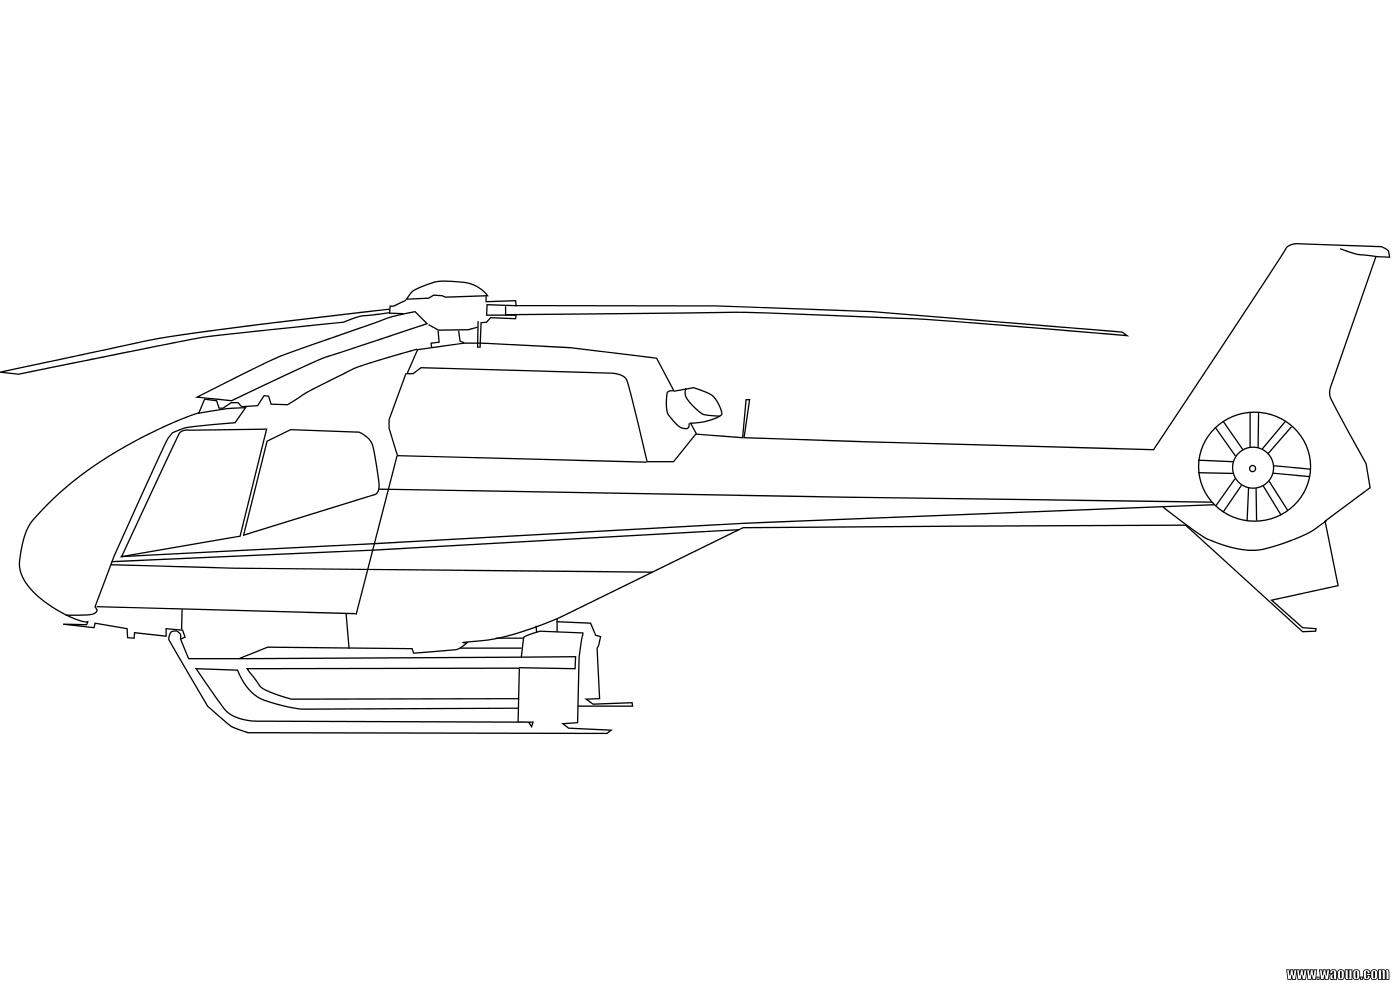 Hlicoptre  Coloriage Hlicoptre  imprimer et colorier